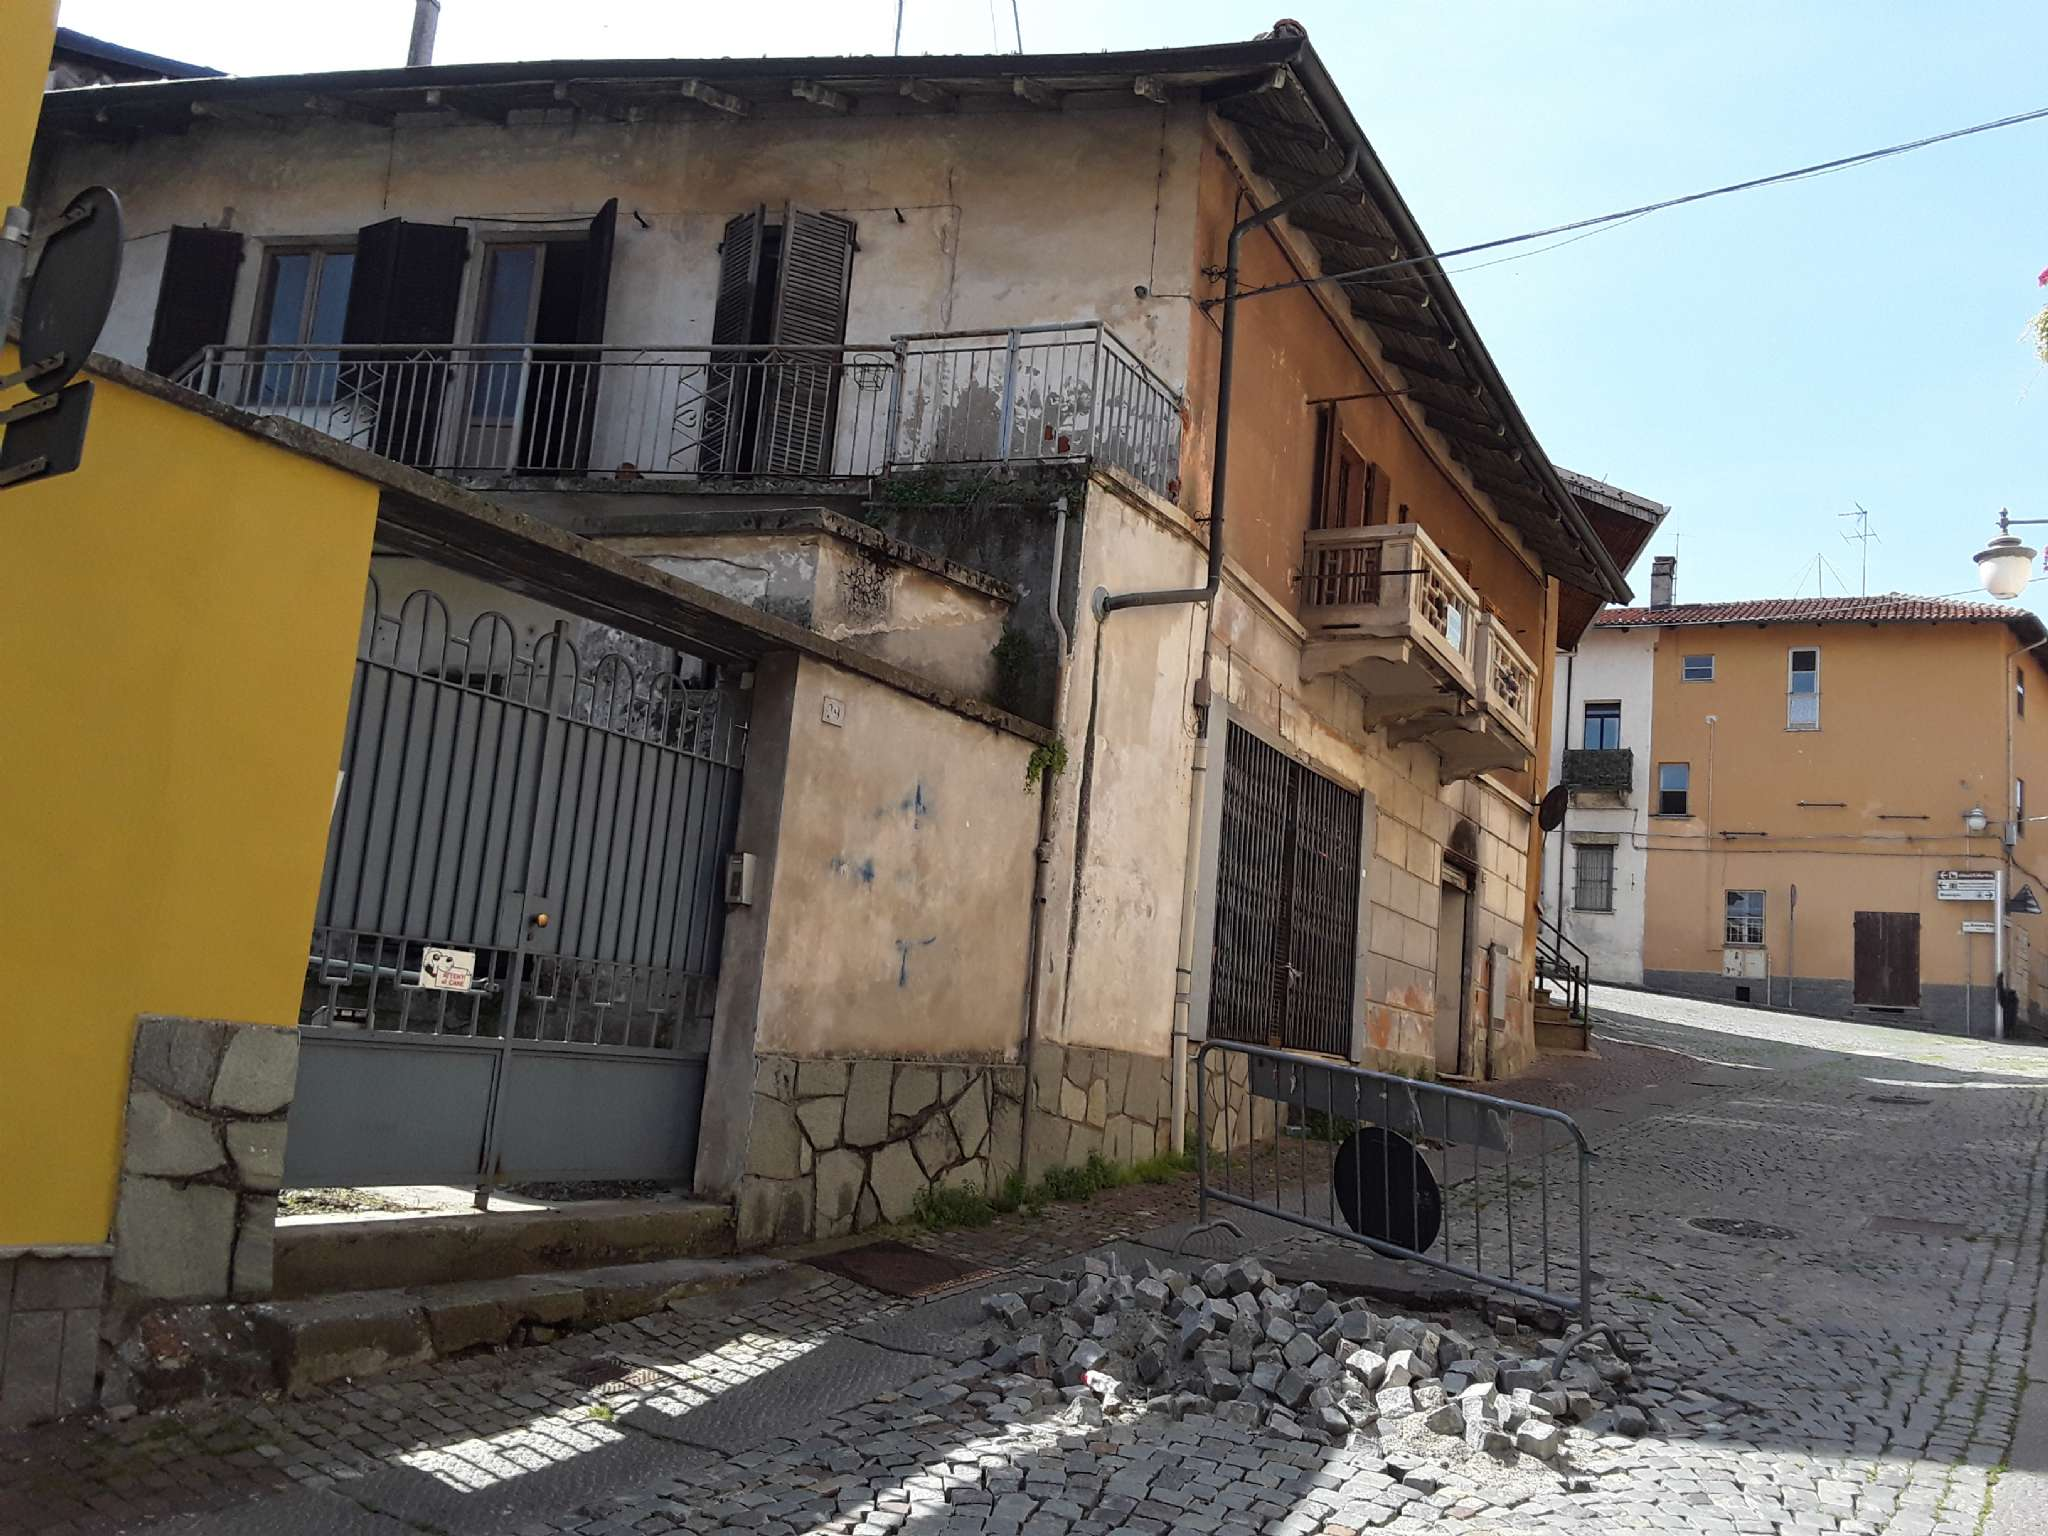 Rustico / Casale in vendita a Alpignano, 7 locali, prezzo € 100.000 | PortaleAgenzieImmobiliari.it